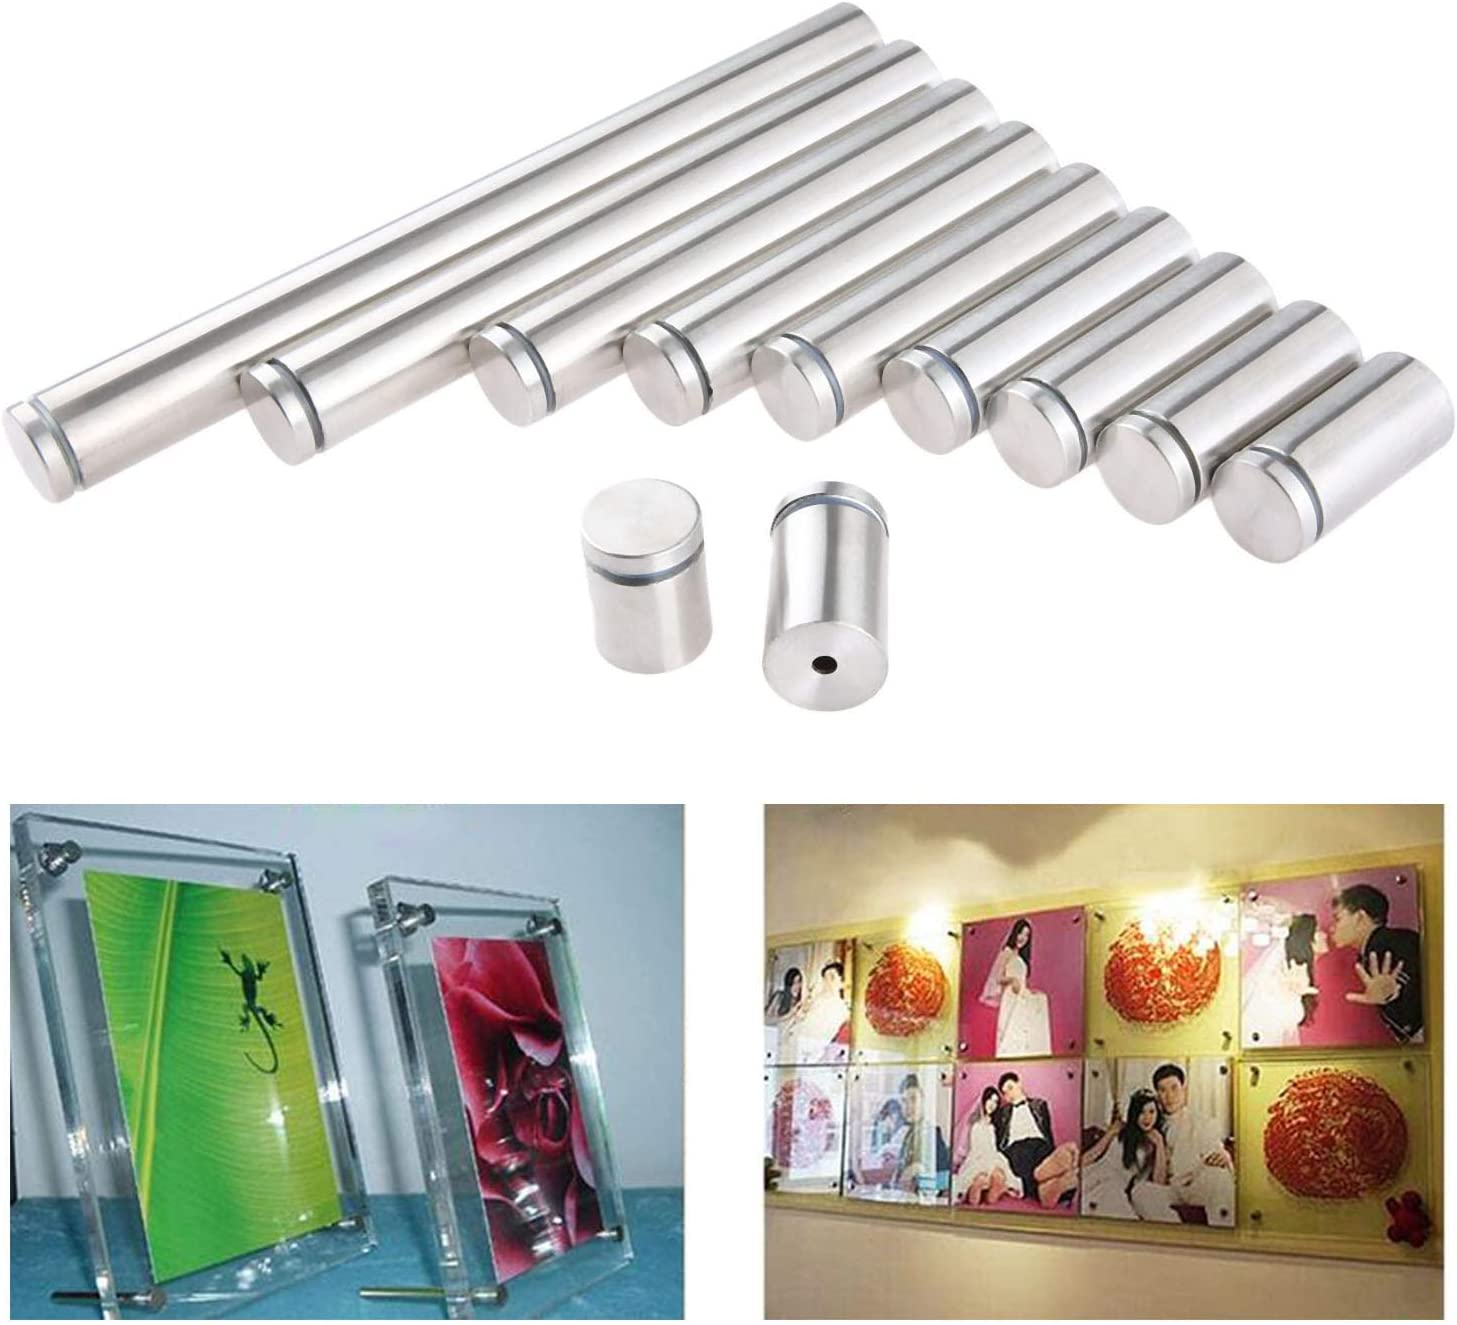 10pcs Edelstahl 25x120mm Glasabstandshalter Schraubenn/ägel Werbung Schraube Standoff Pins